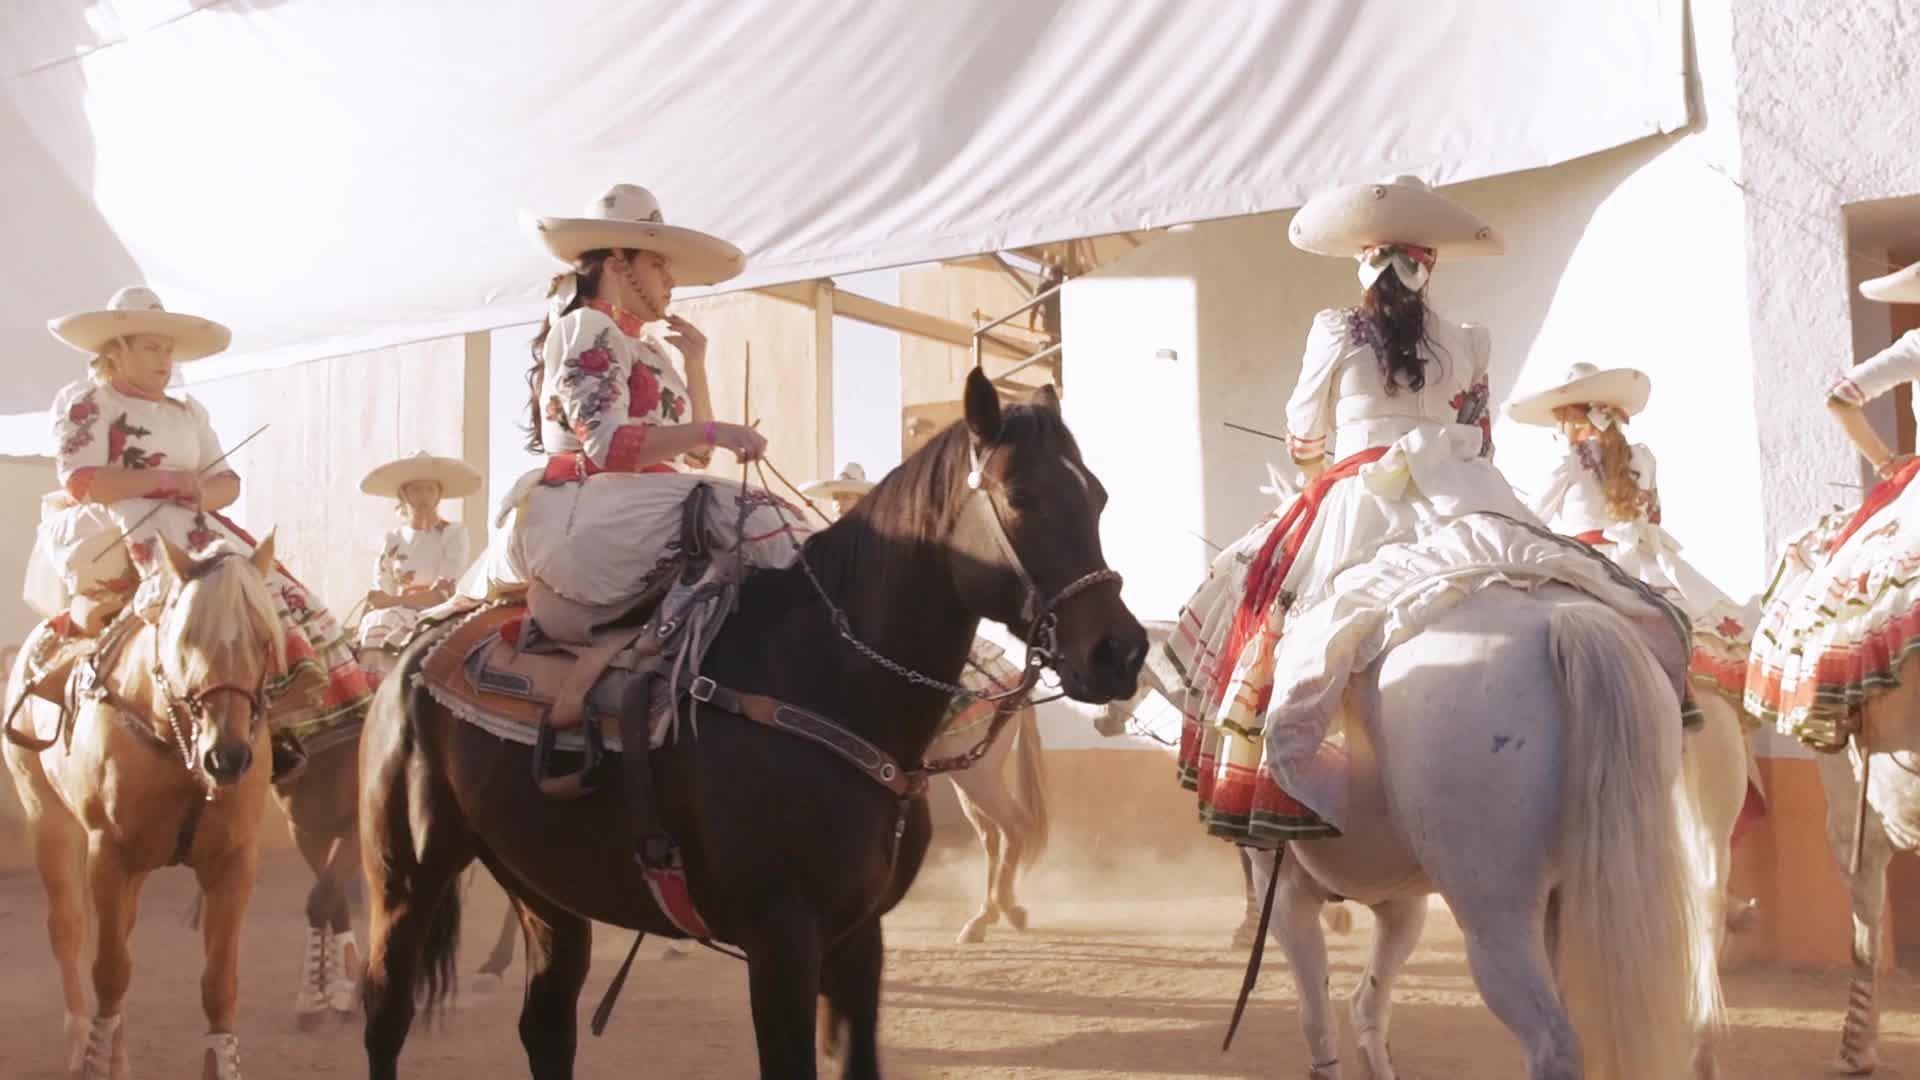 escaramuza-danza-charra-charreria-femenil-mujeres-chicanas-charras